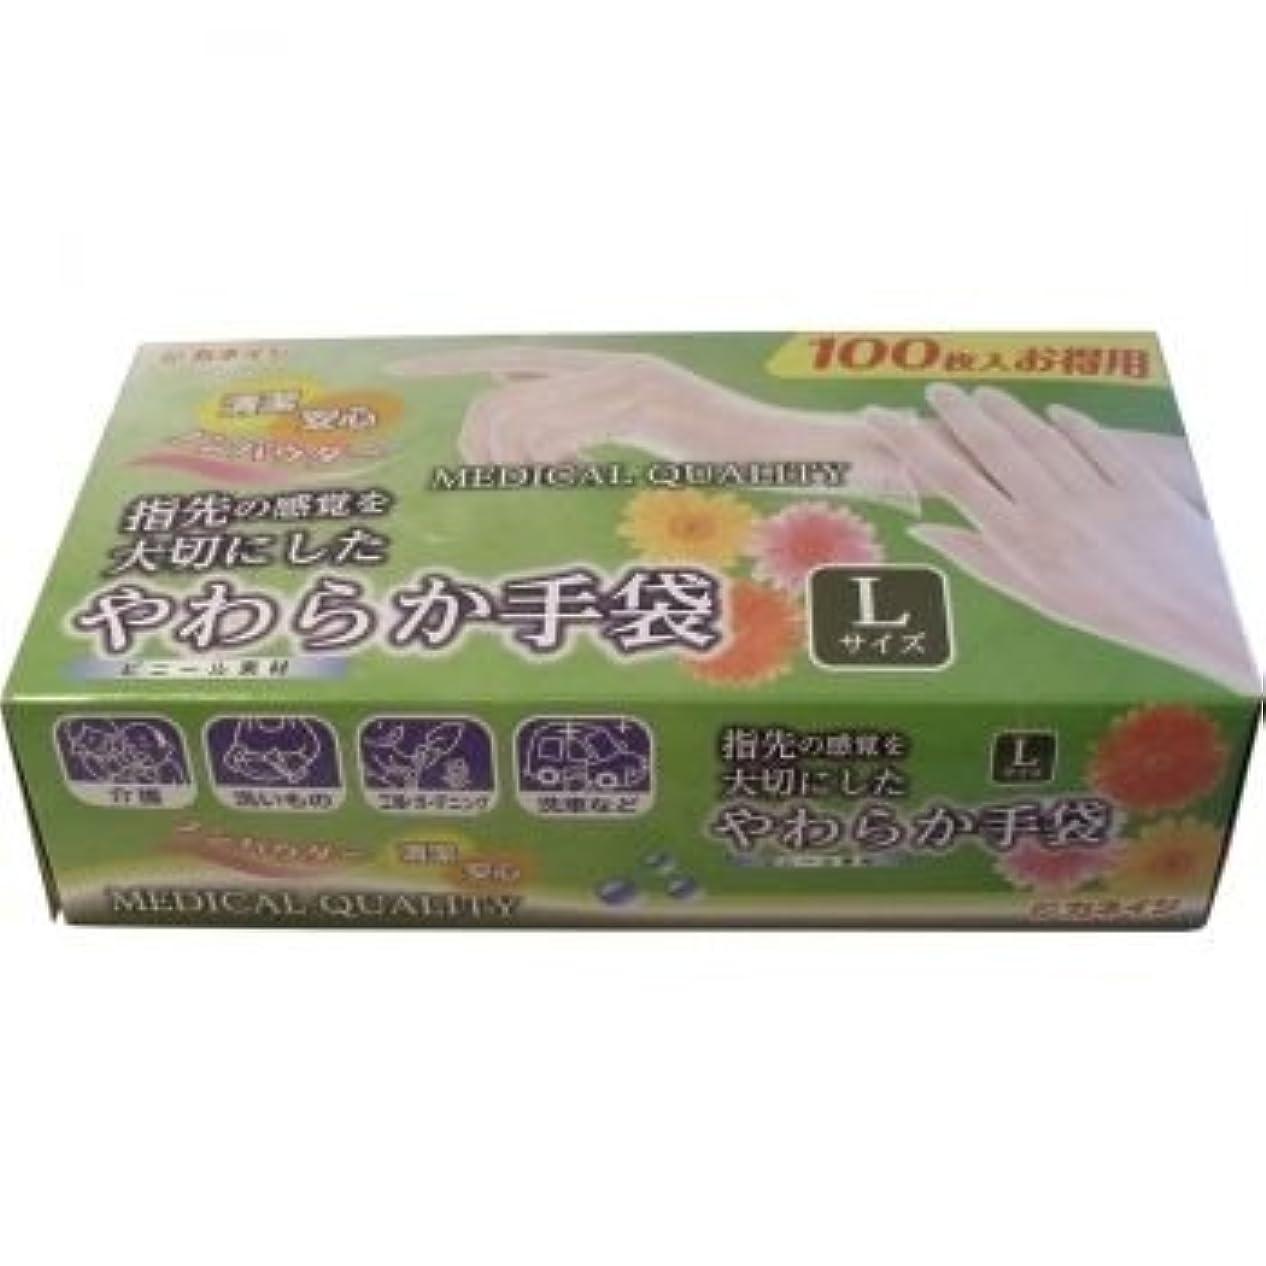 効果的になぞらえる菊やわらか手袋 ビニール素材 パウダーフリー Lサイズ 100枚入【3個セット】